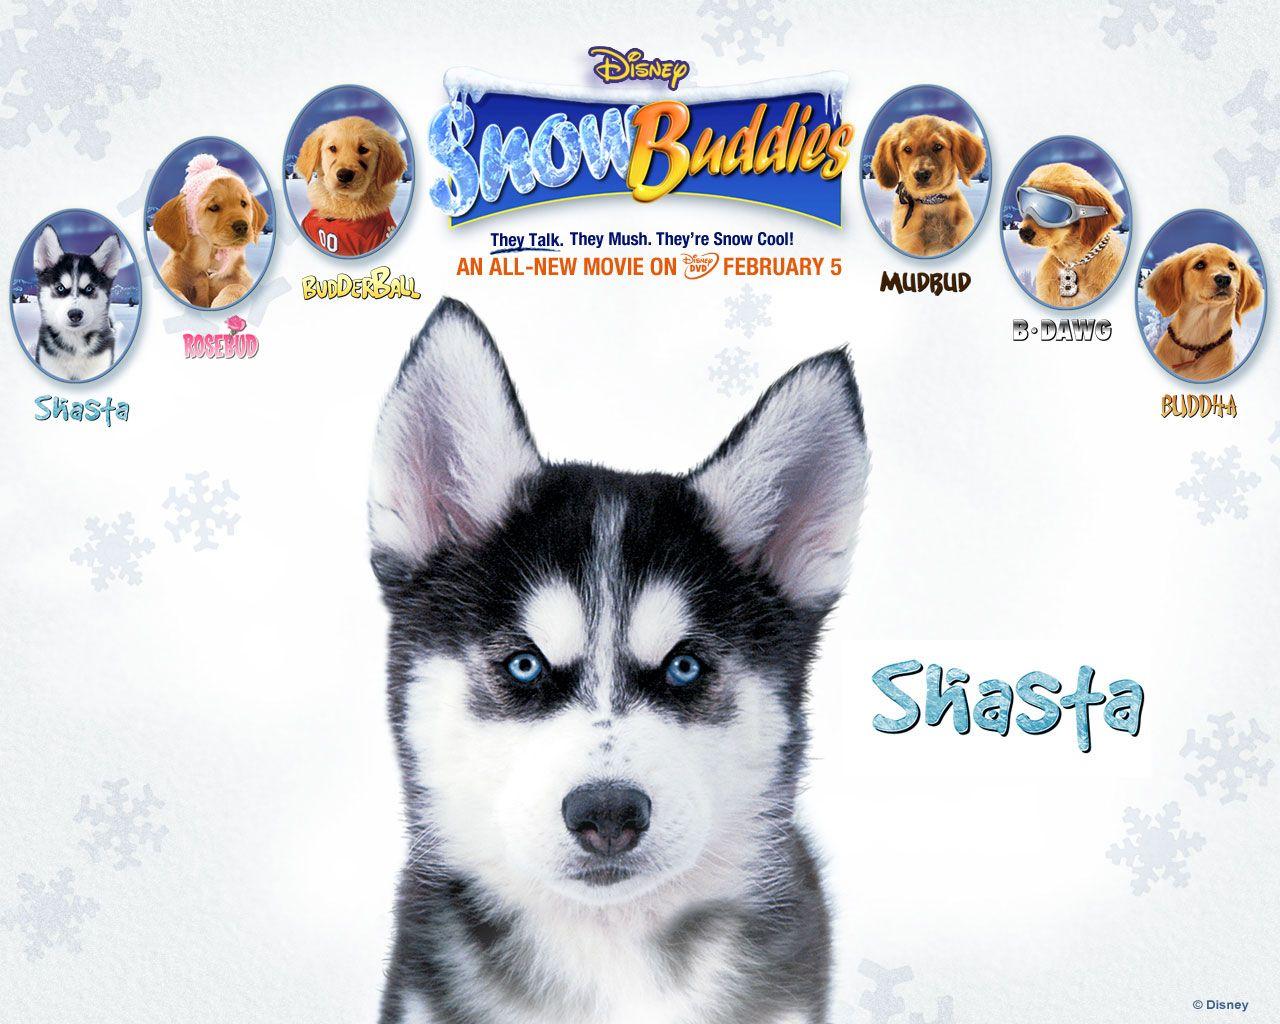 Snow Buddies Air Buddies Movies Dog Movies Snow Dogs